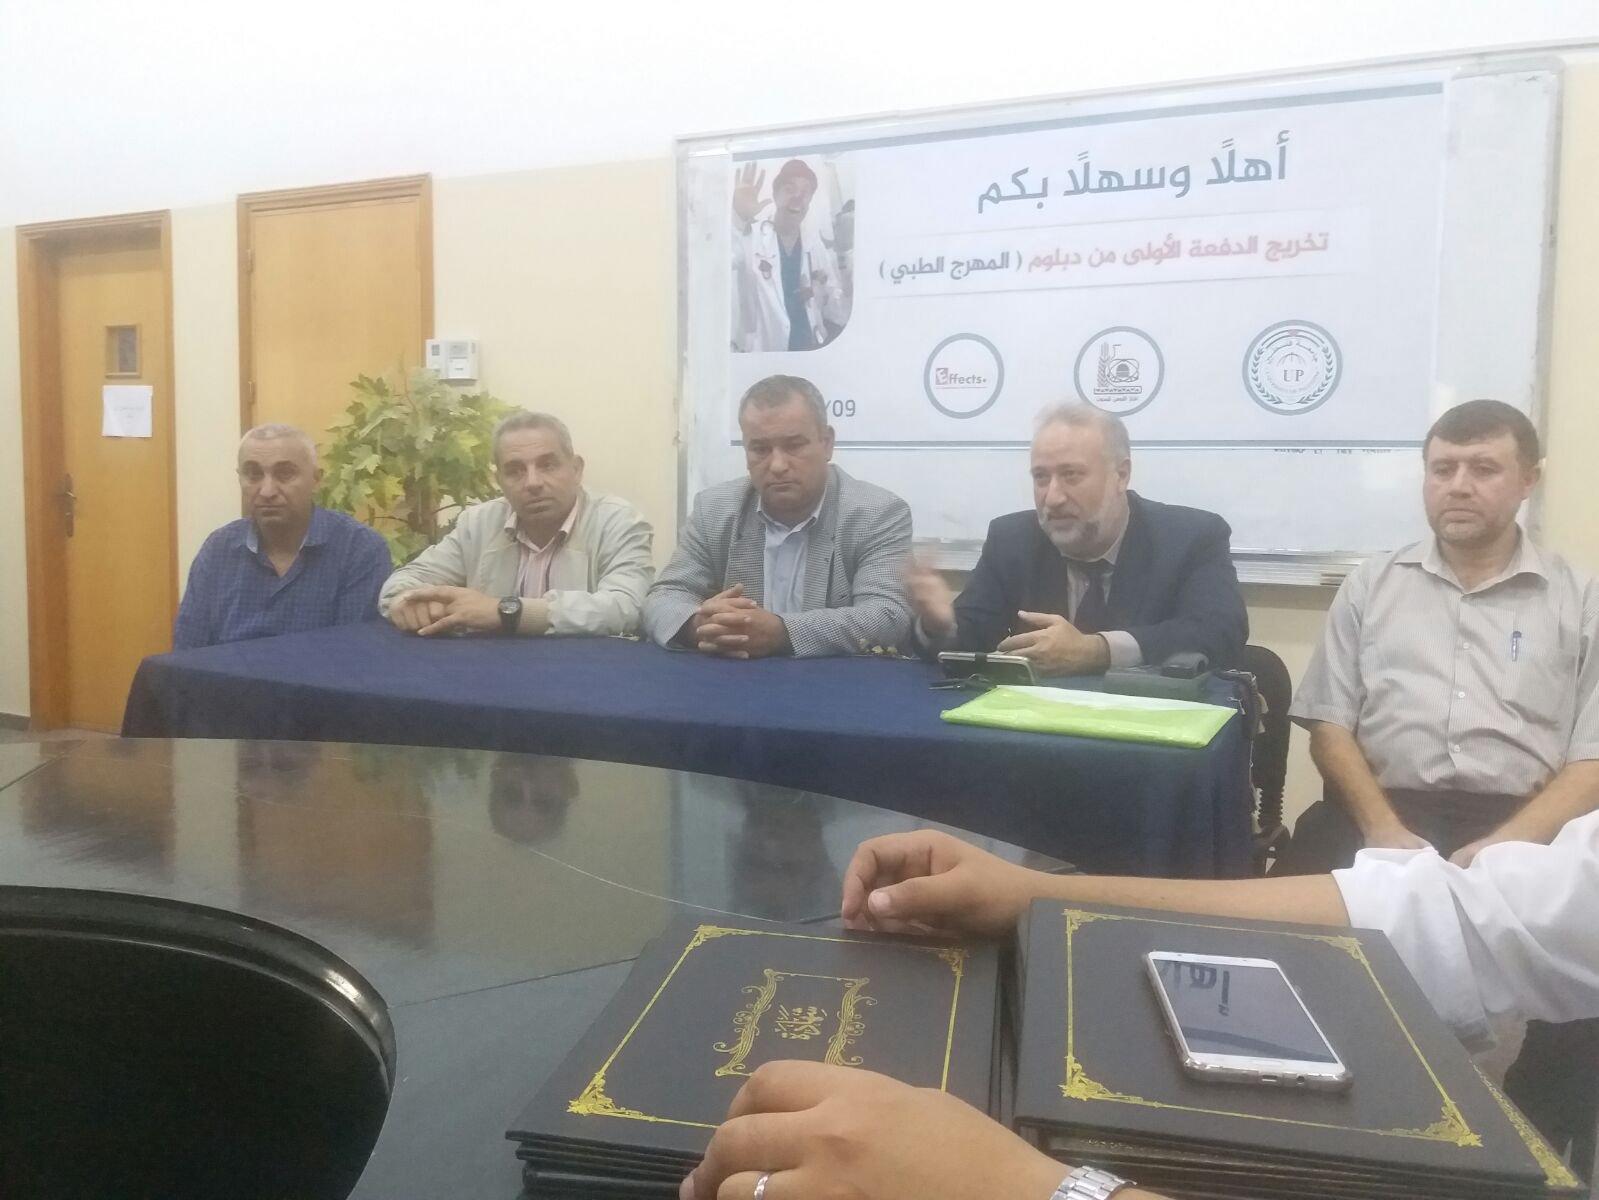 بالصور: مؤسسة بسمة أمل لرعاية مرضى السرطان تخرج الدفعة الأولى من دبلوم المهرج الطبي الأول في فلسطين